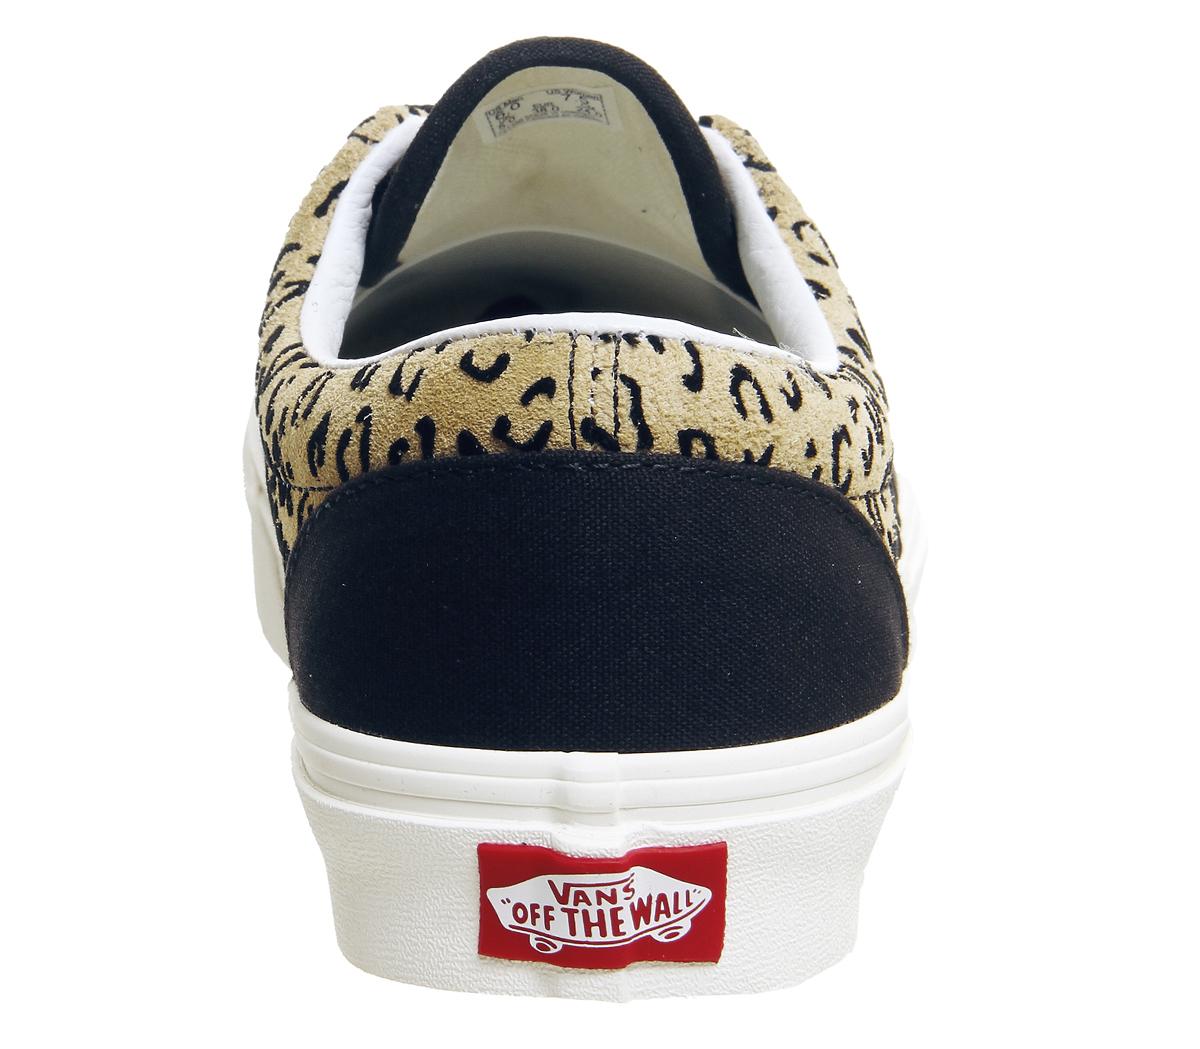 c97807e9a3 Mens Vans Era Trainers Leopard Black Taffy Marshmellow Exclusive ...